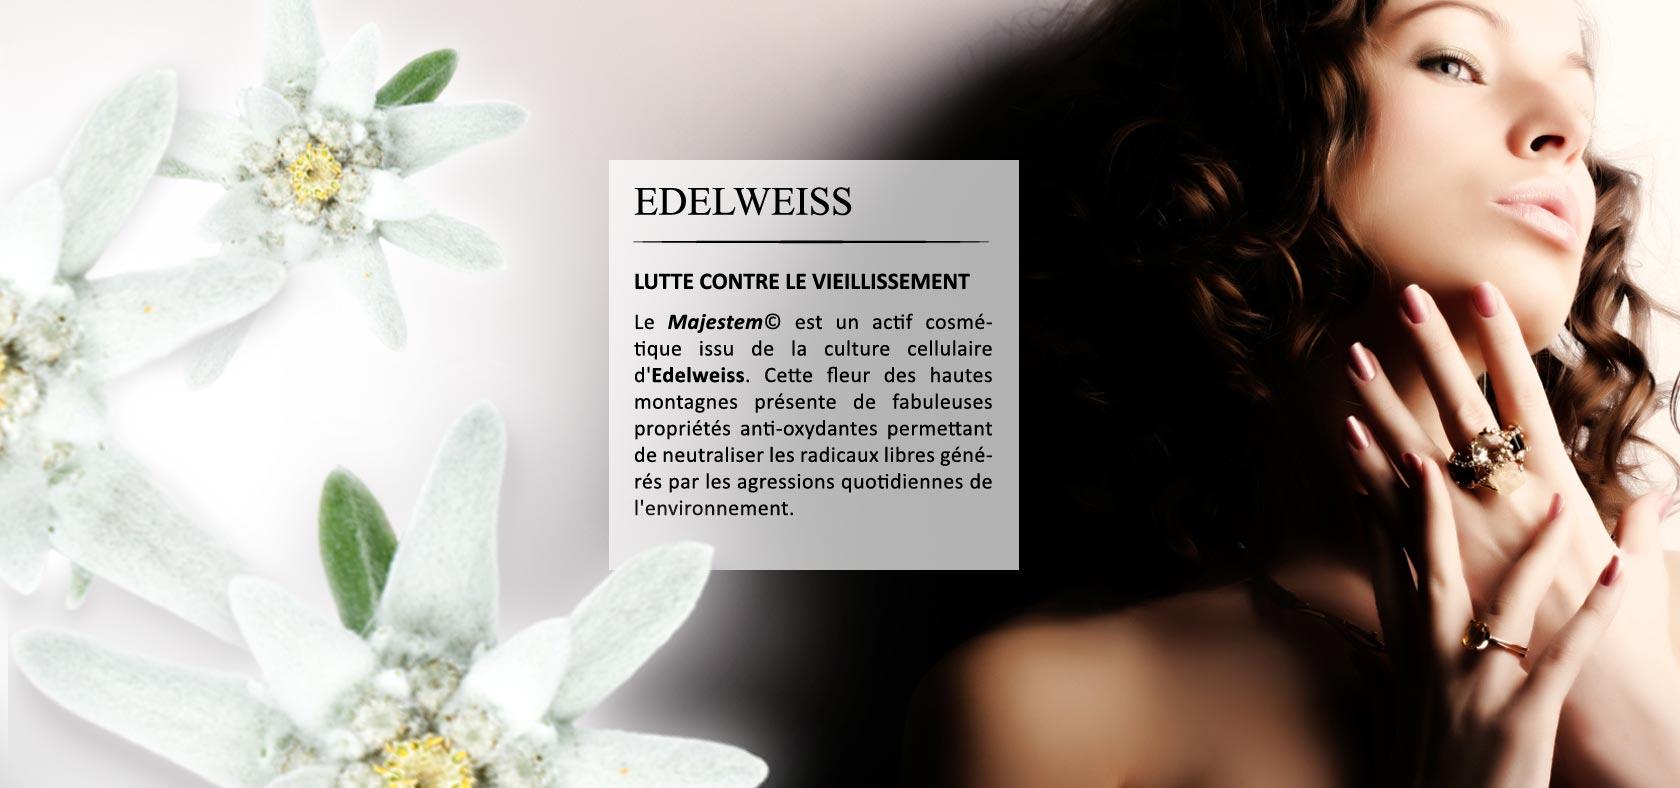 Le Majestem(c) est un actif cosmétique issu de la culture cellulaire d'Edelweis. Cette fleur des hautes montagnes présente de fabuleuses propriétés anti-oxydantes permettant de neutraliser les radicaux libres générés par les agressions quotidiennes de l'e